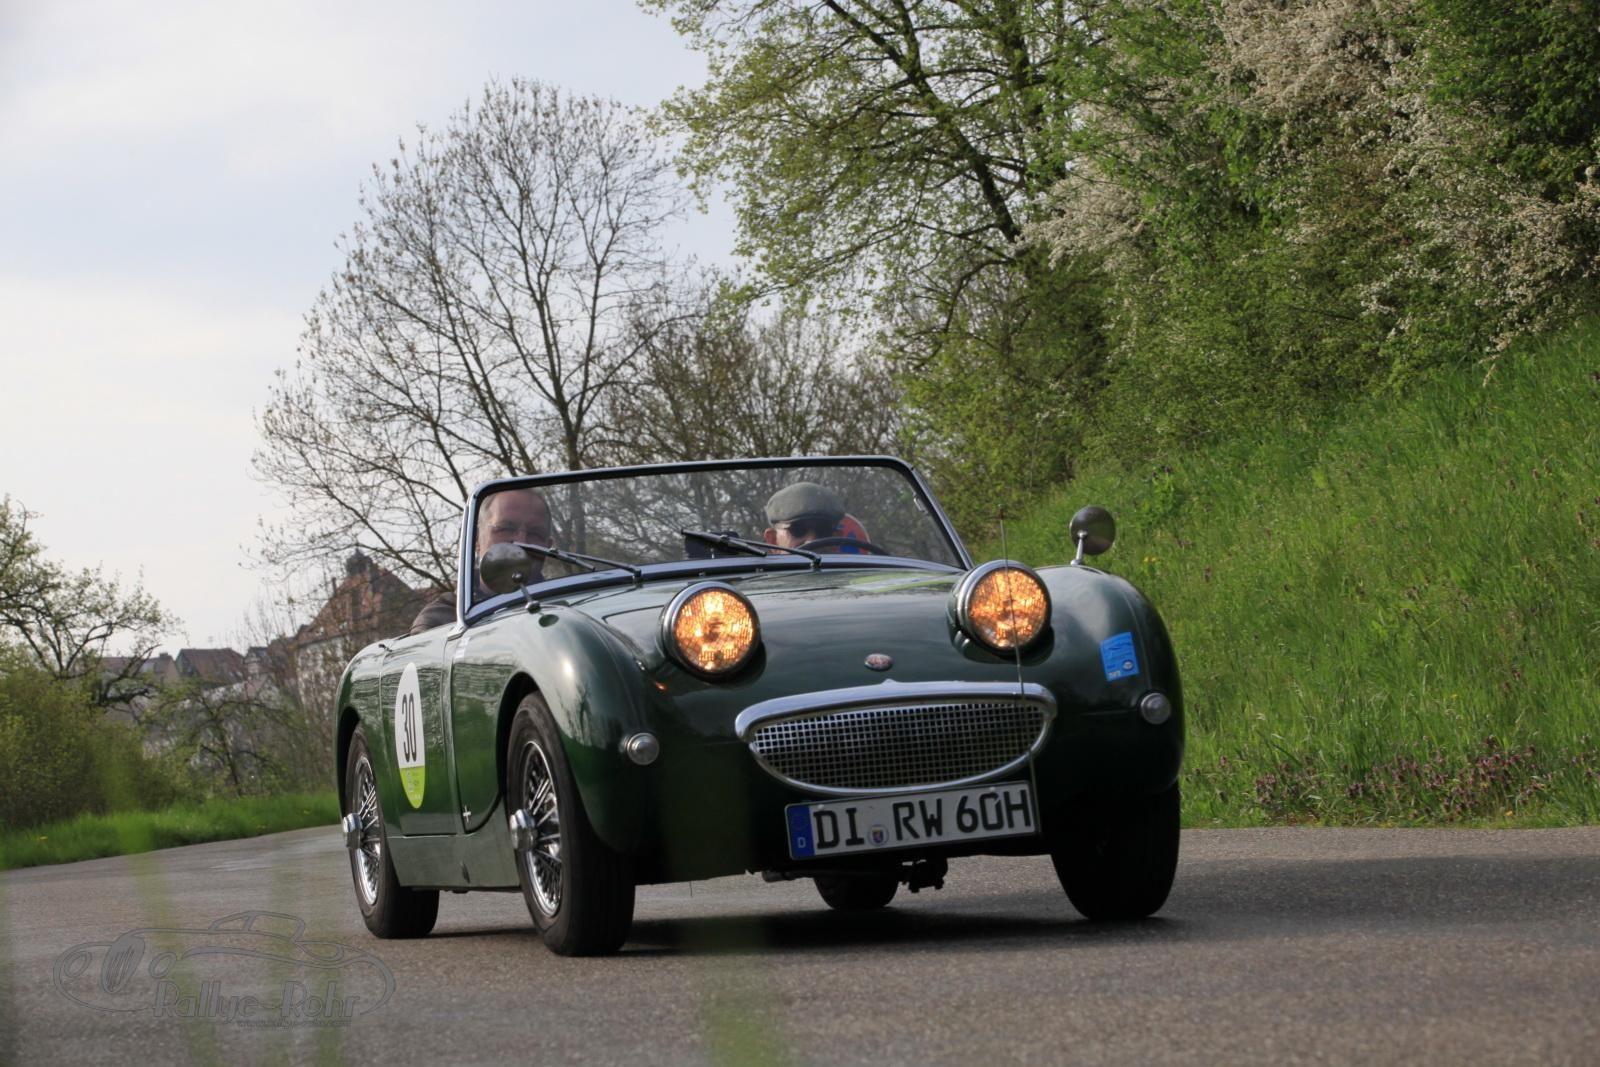 Épinglé par shyn black sur jaguar f type & supercar